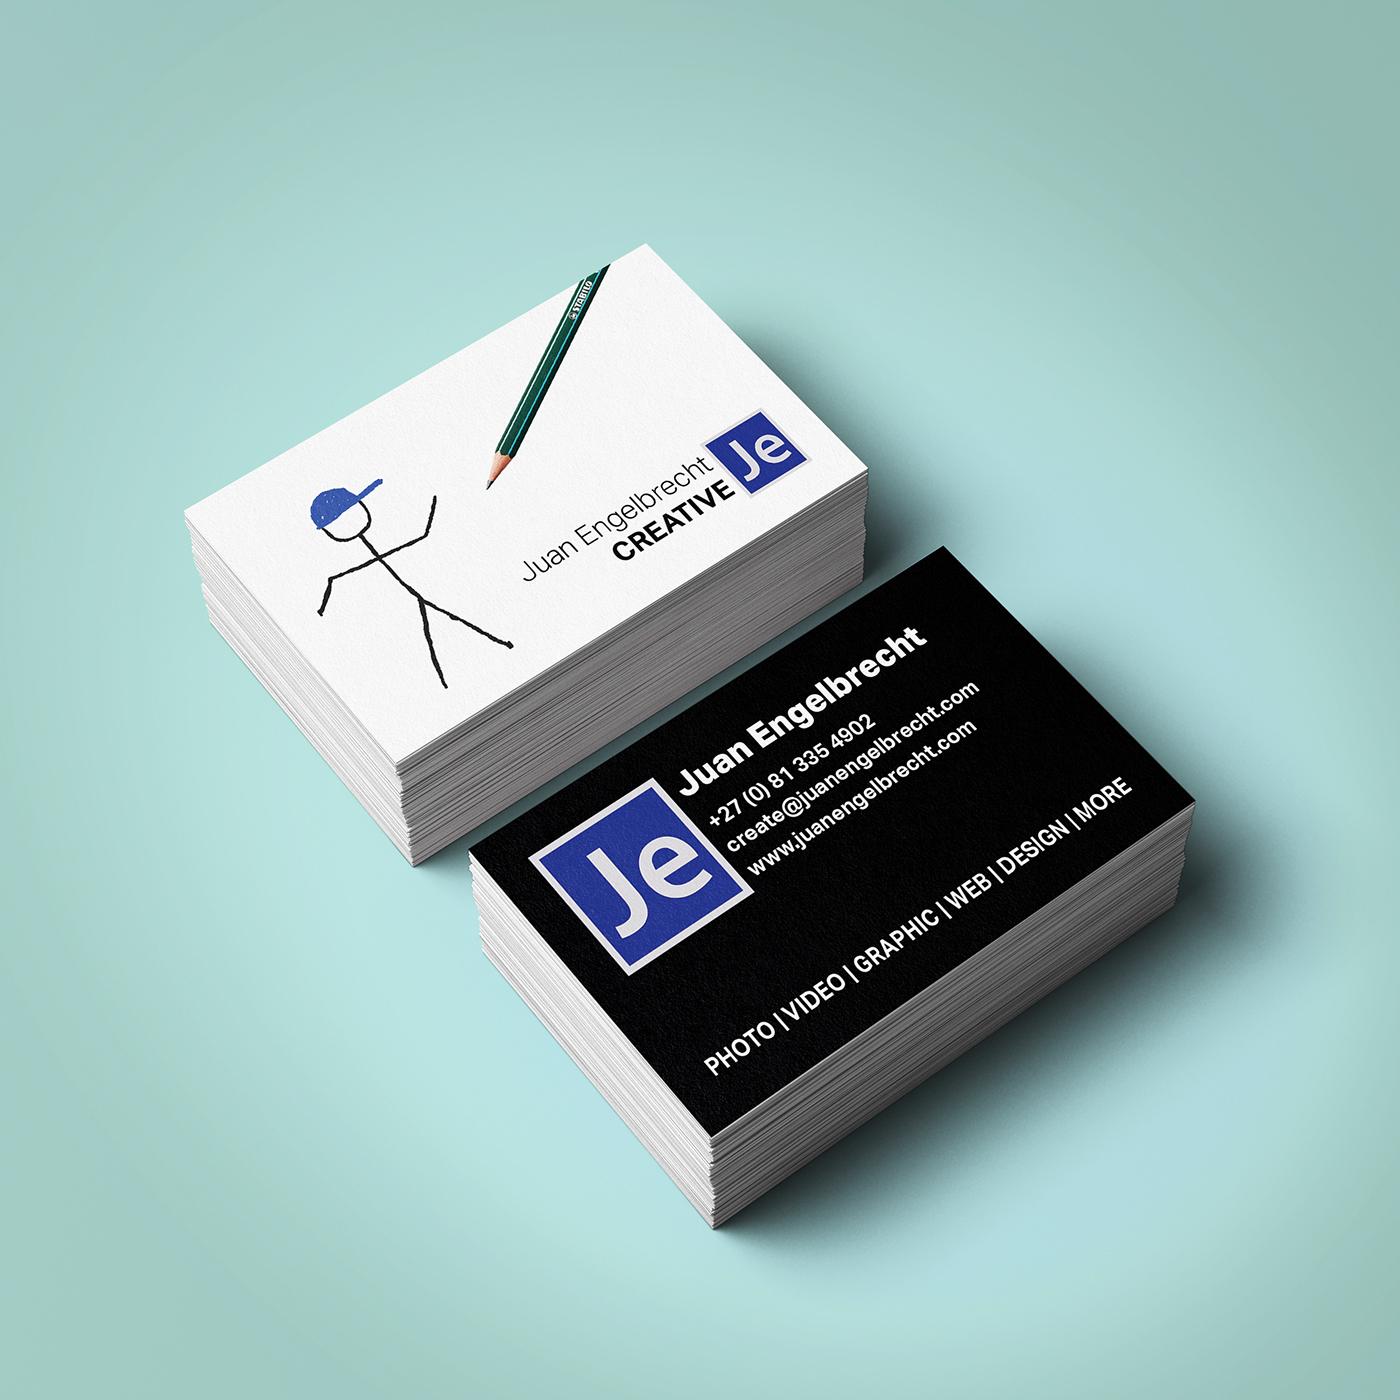 Juan engelbrecht creative business card design on behance reheart Image collections